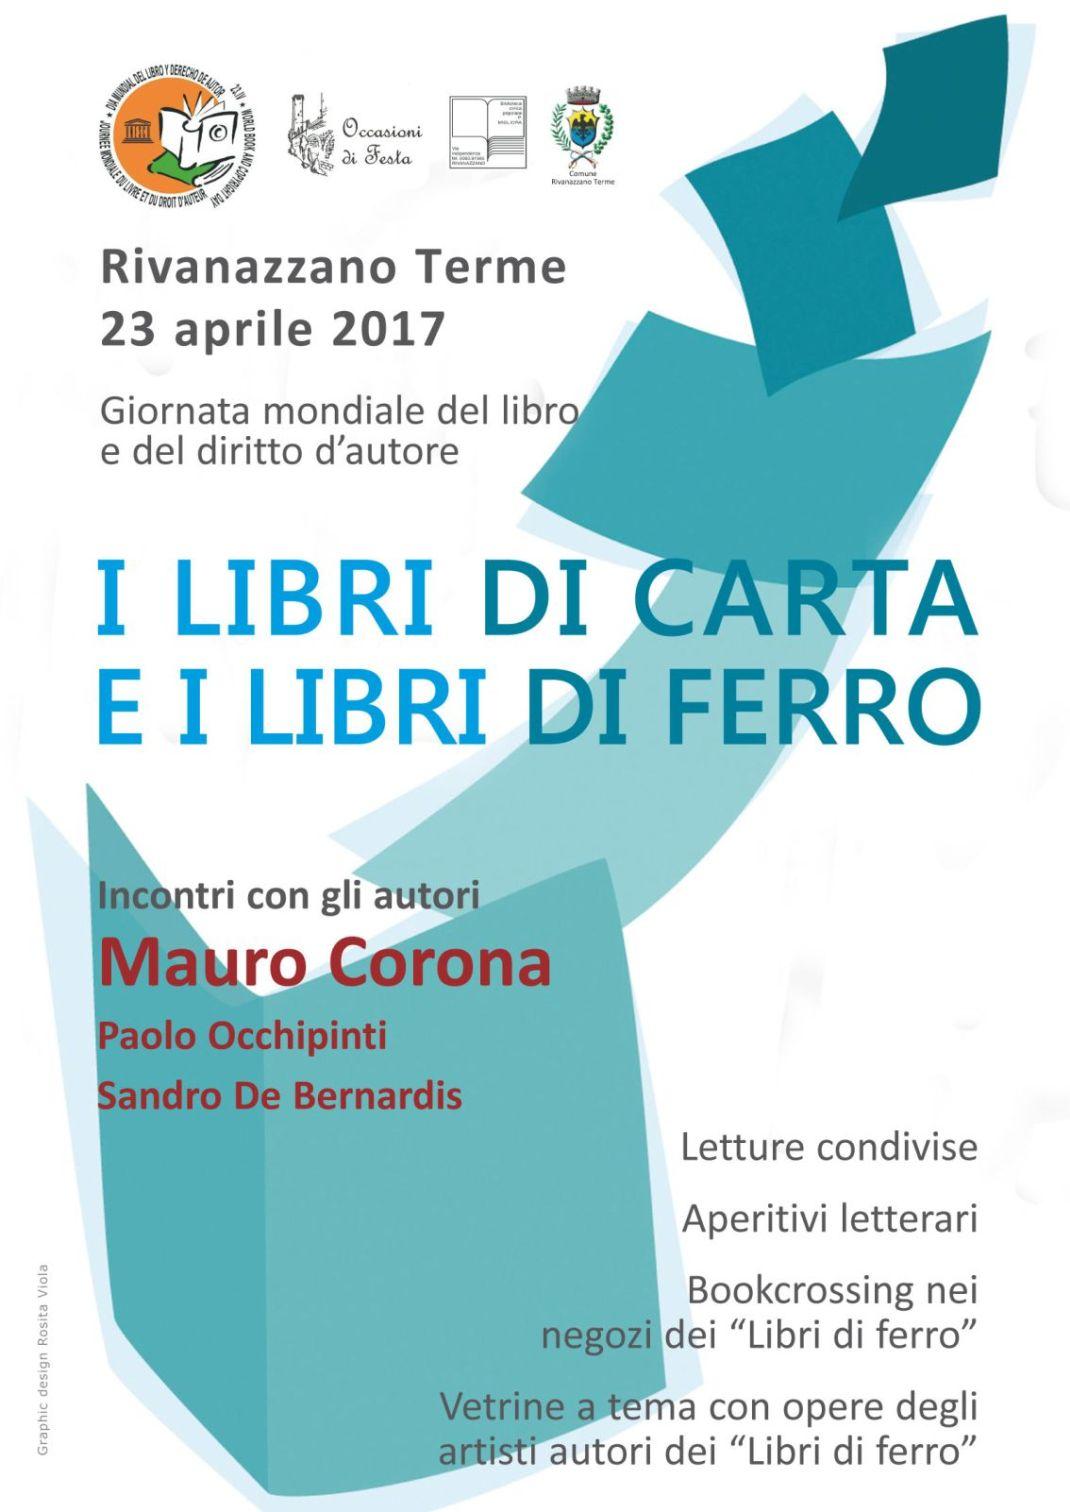 Tennis contro l'anoressia e Giornata mondiale del libro e del diritto d'autore a Rivanazzano Terme